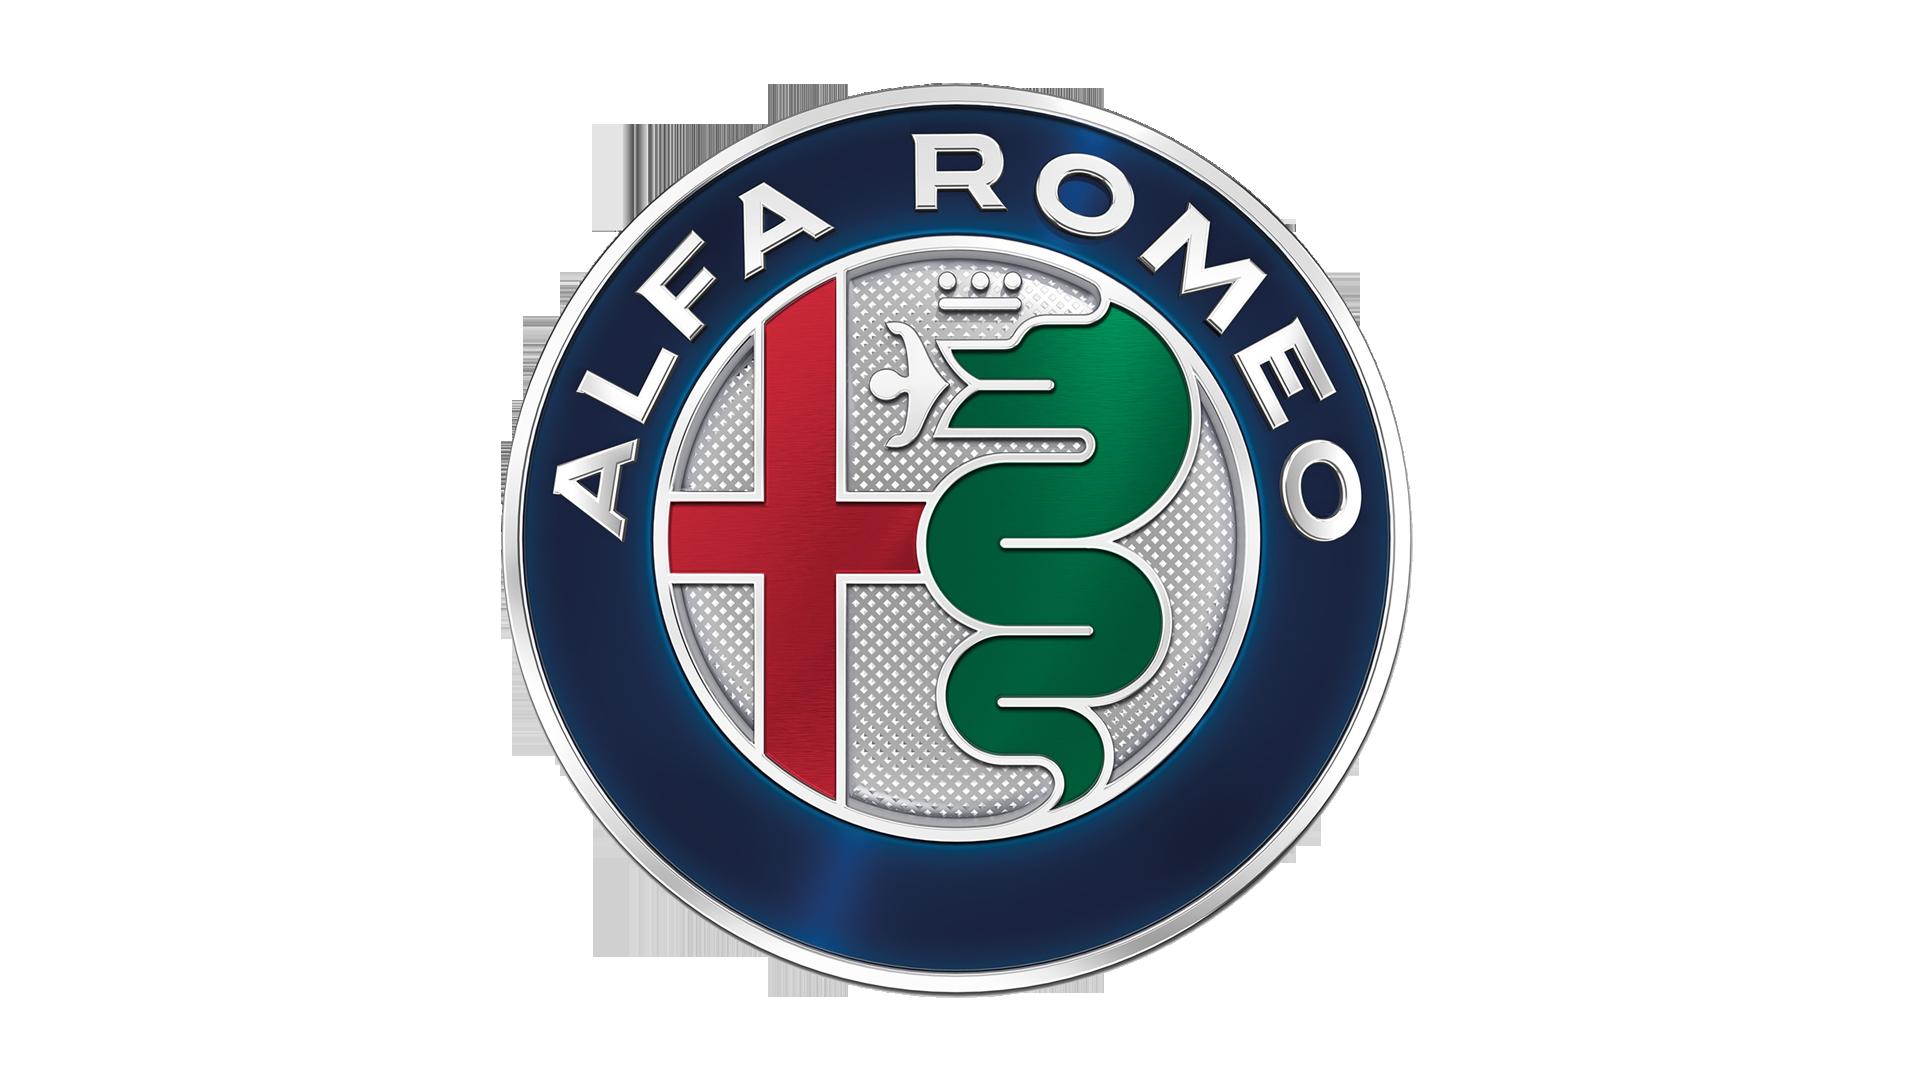 alfa romeo logo ile ilgili görsel sonucu